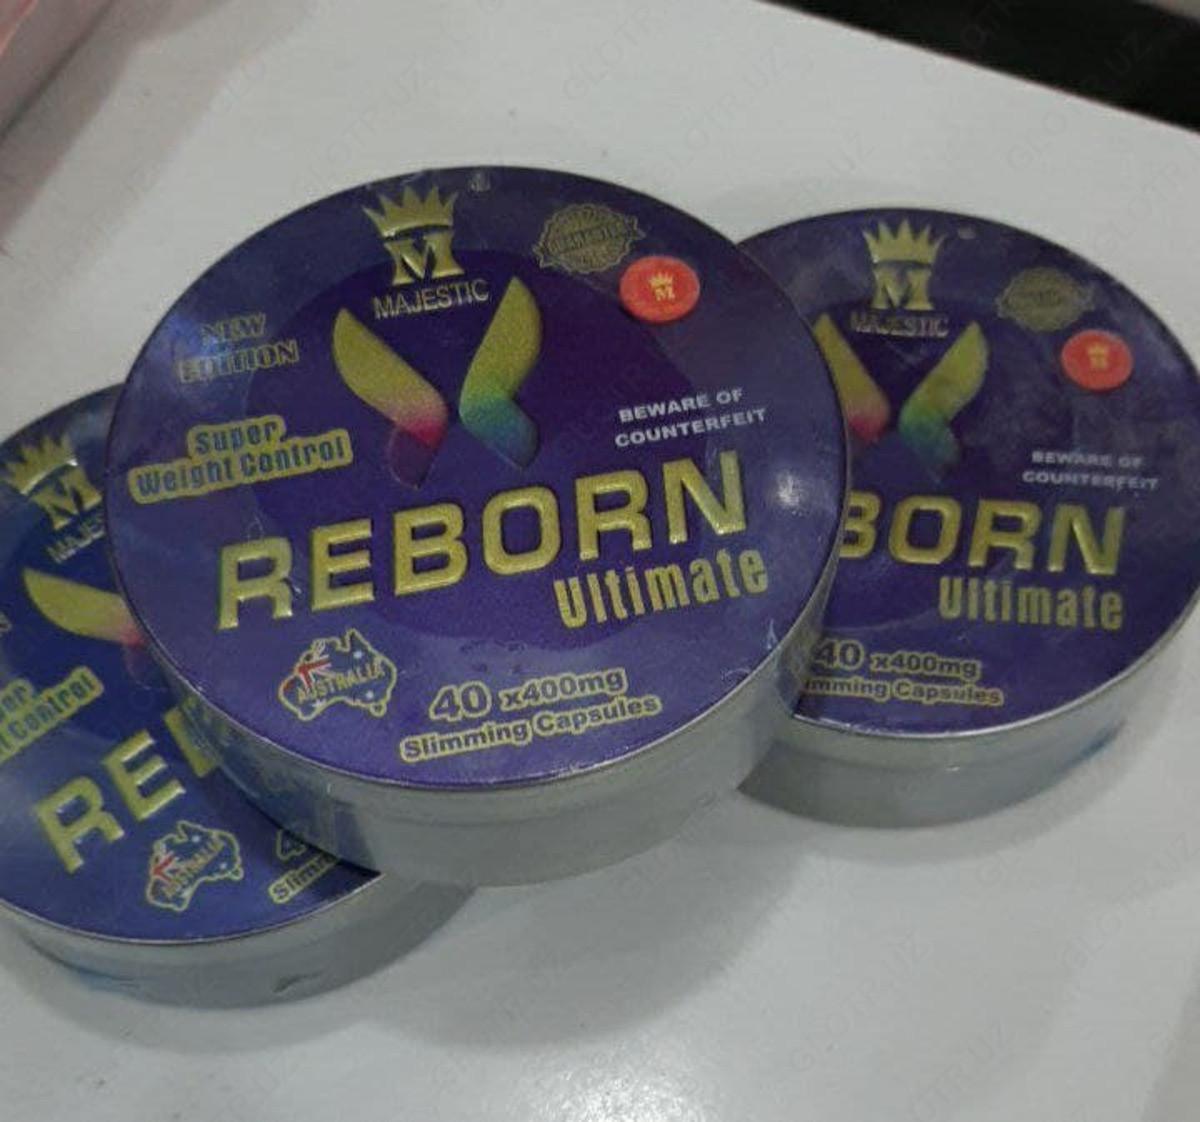 Reborn Ultimate